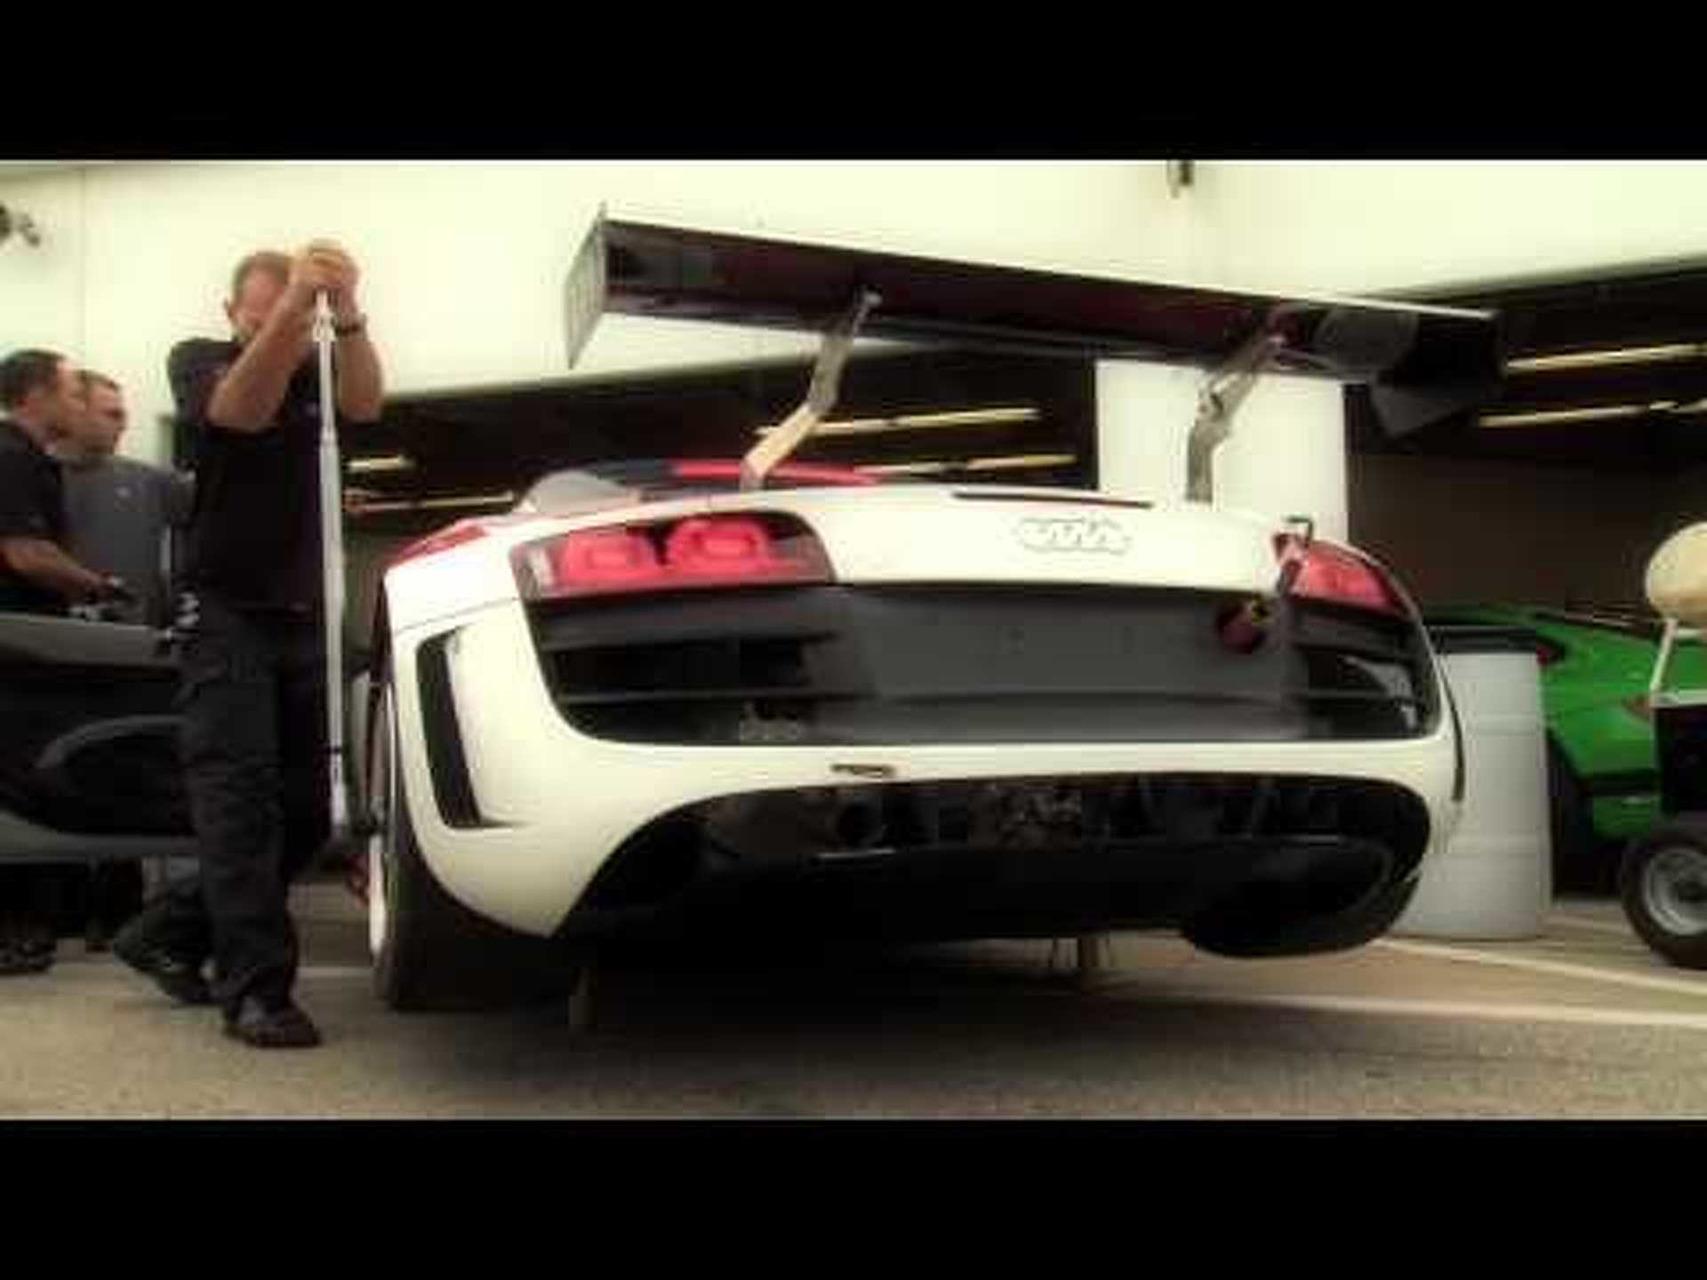 2012 Audi R8 Grand Am